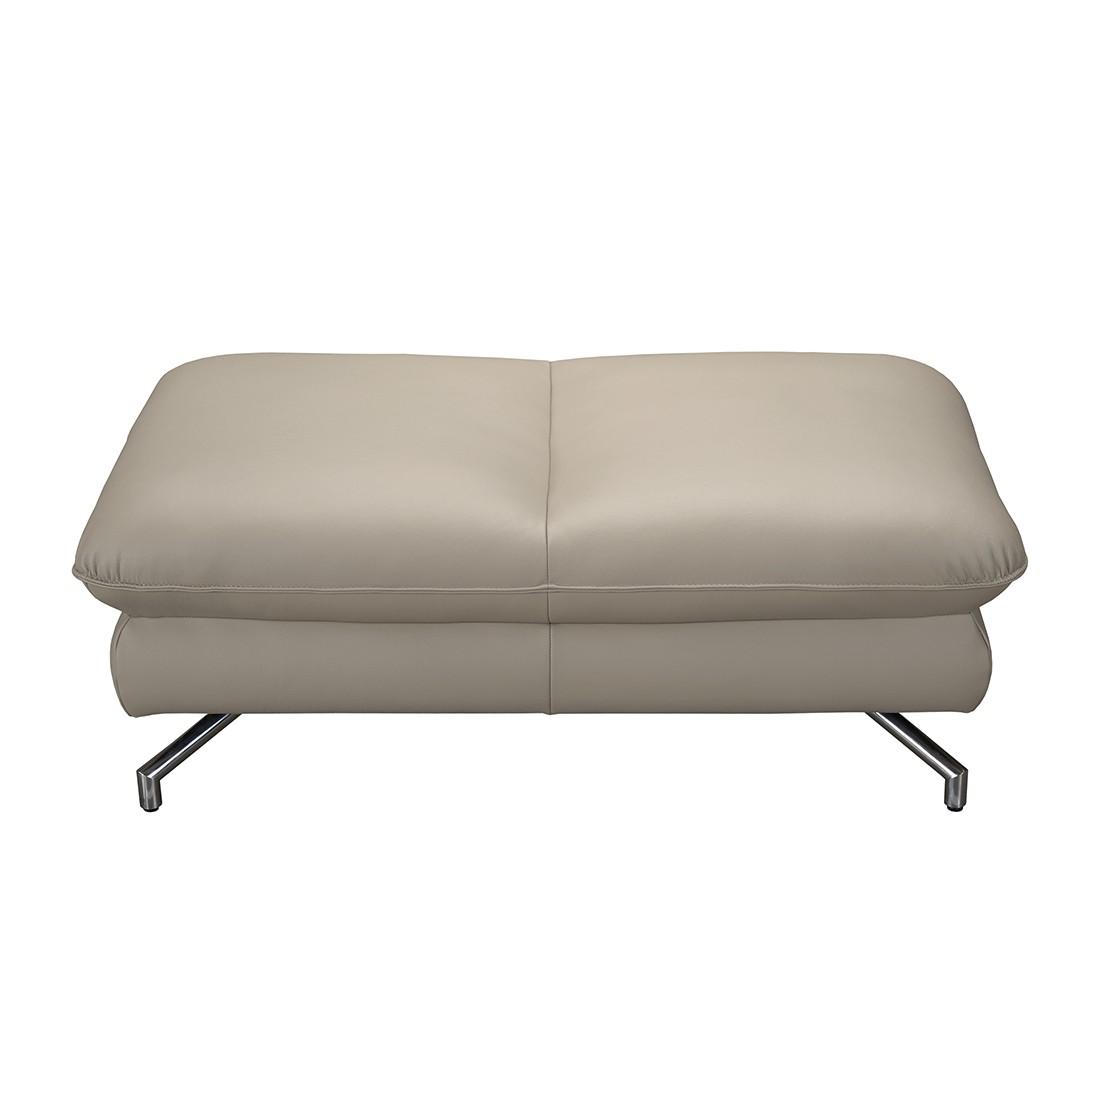 hocker sharon kunstleder taupe loftscape g nstig online kaufen. Black Bedroom Furniture Sets. Home Design Ideas